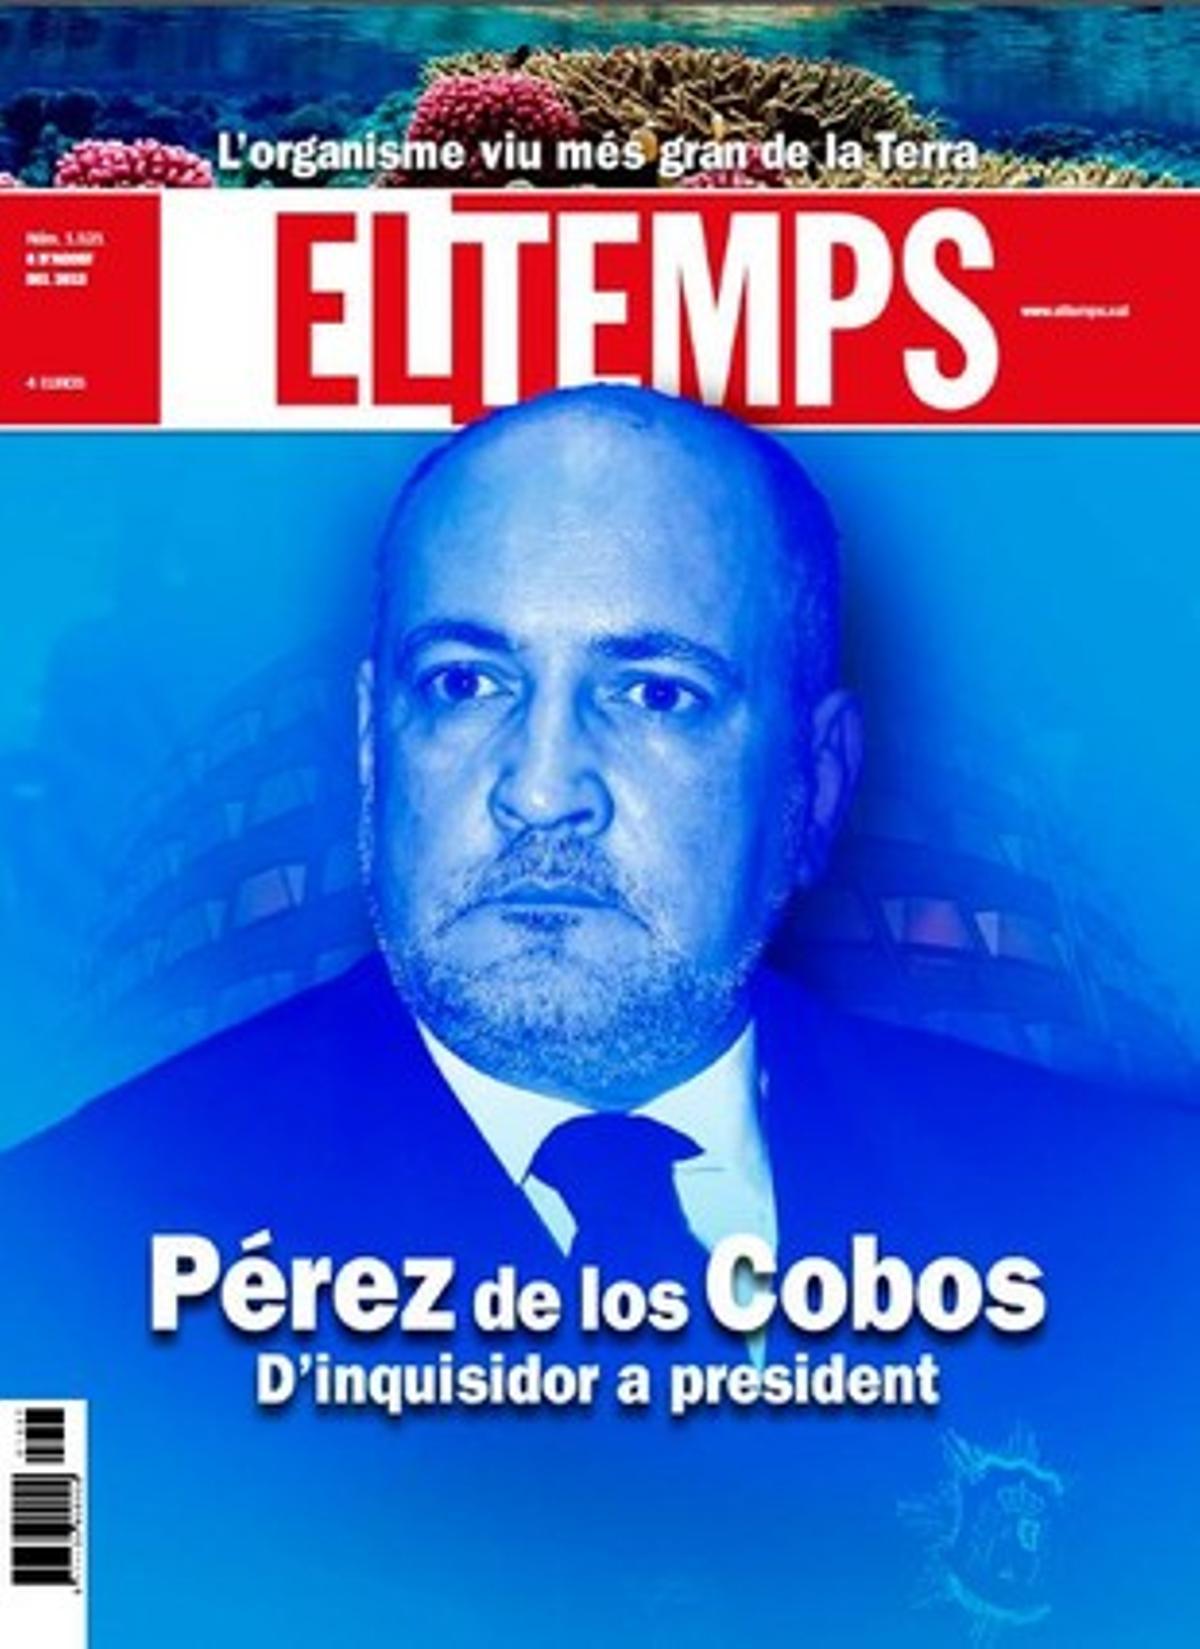 Un extenso reportaje del semanario 'El Temps' destapa los episodios más oscuros del presidente del TC.